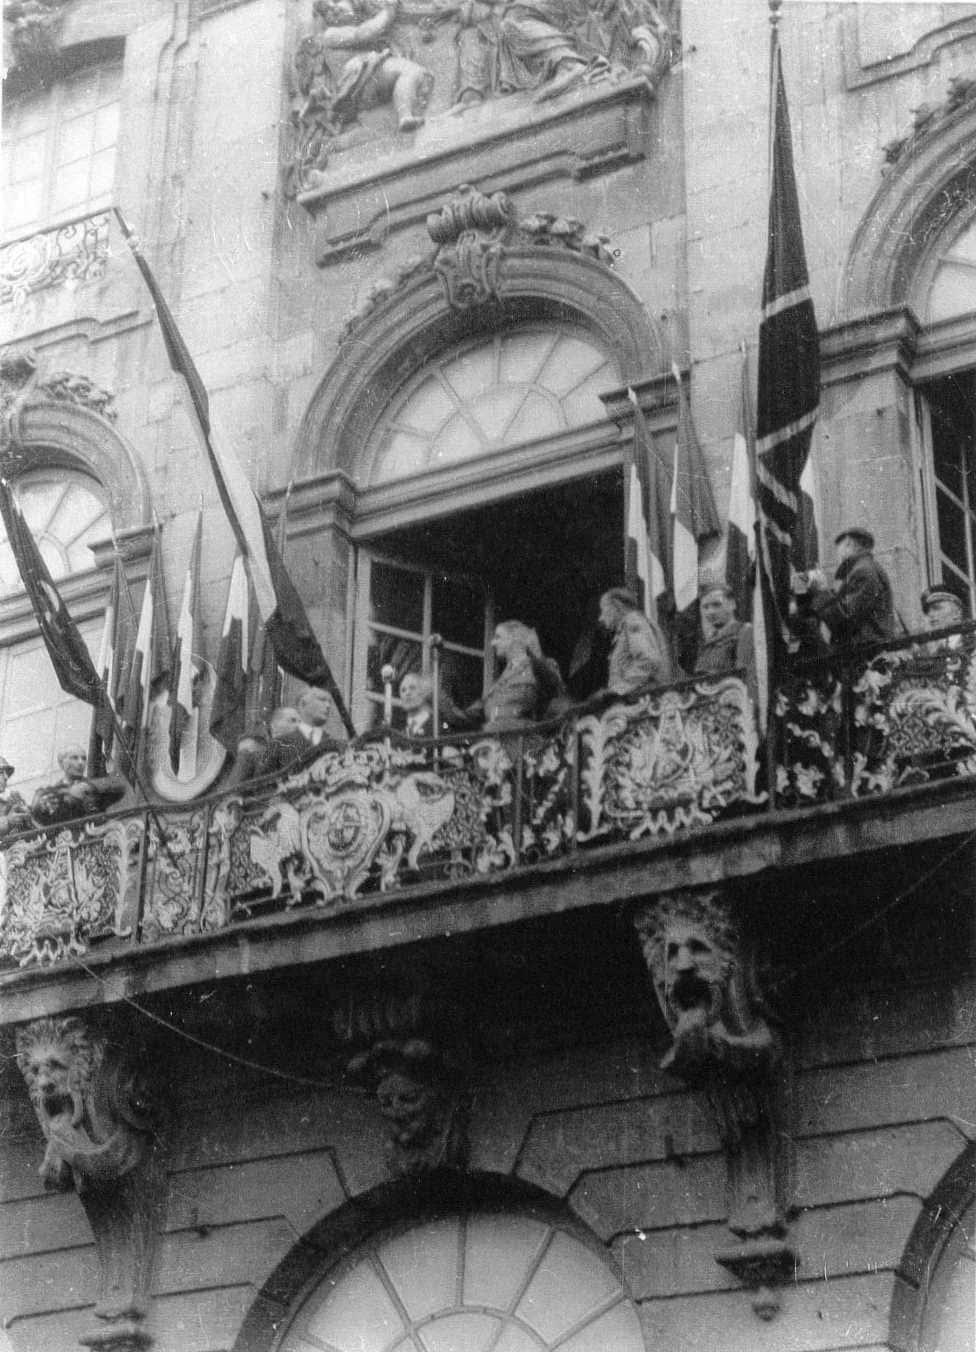 1944, 25 septembre, visite du général de Gaulle. Idem : il parle en tribune, du balcon. (http://www.jourdan.ens.fr/)